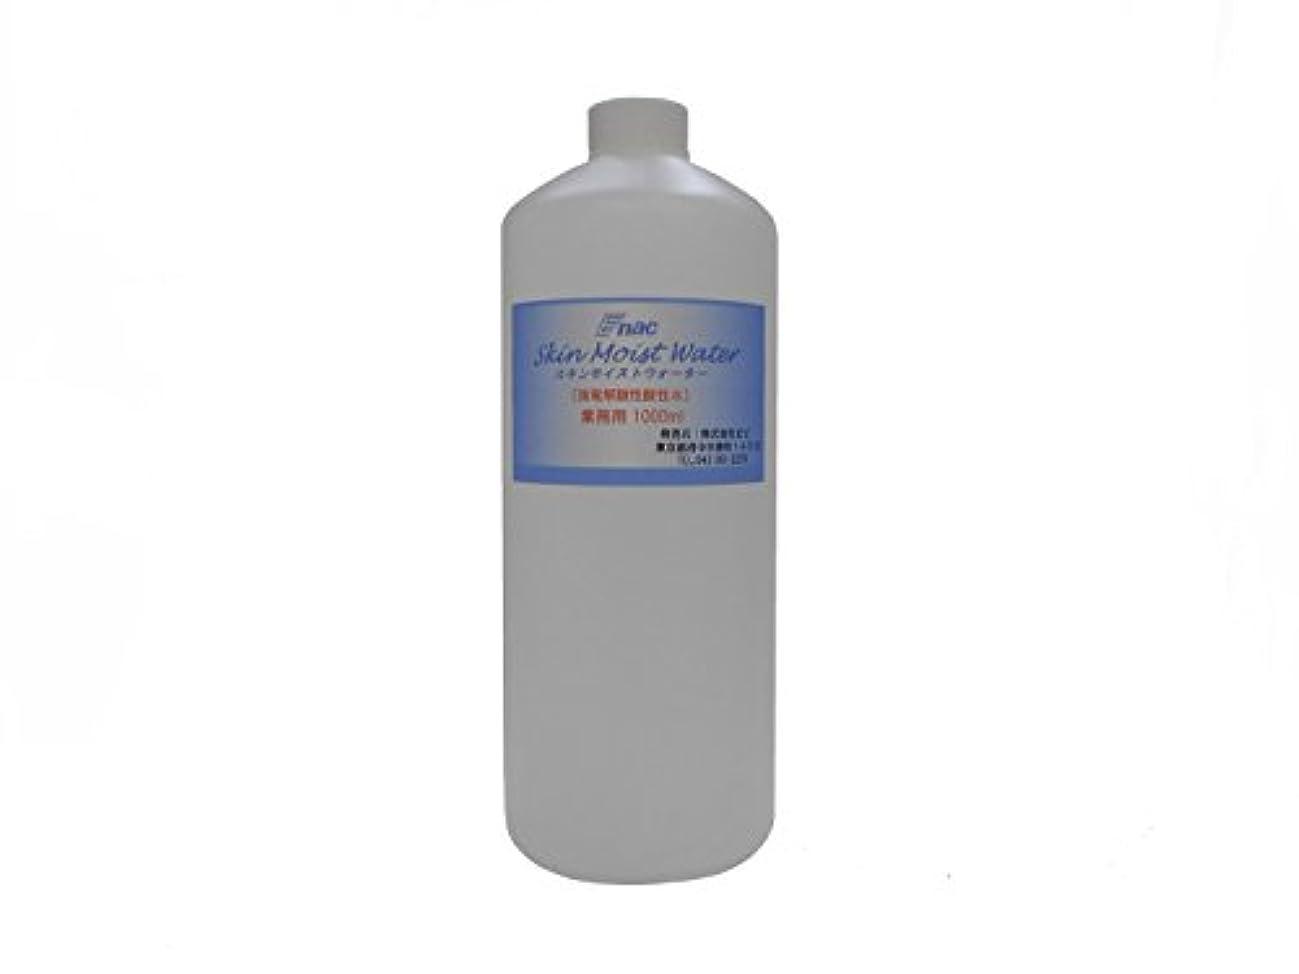 意欲悲劇的な自体強電解 酸性水 化粧水 スキンモイスト ウォーター 1L 業務用